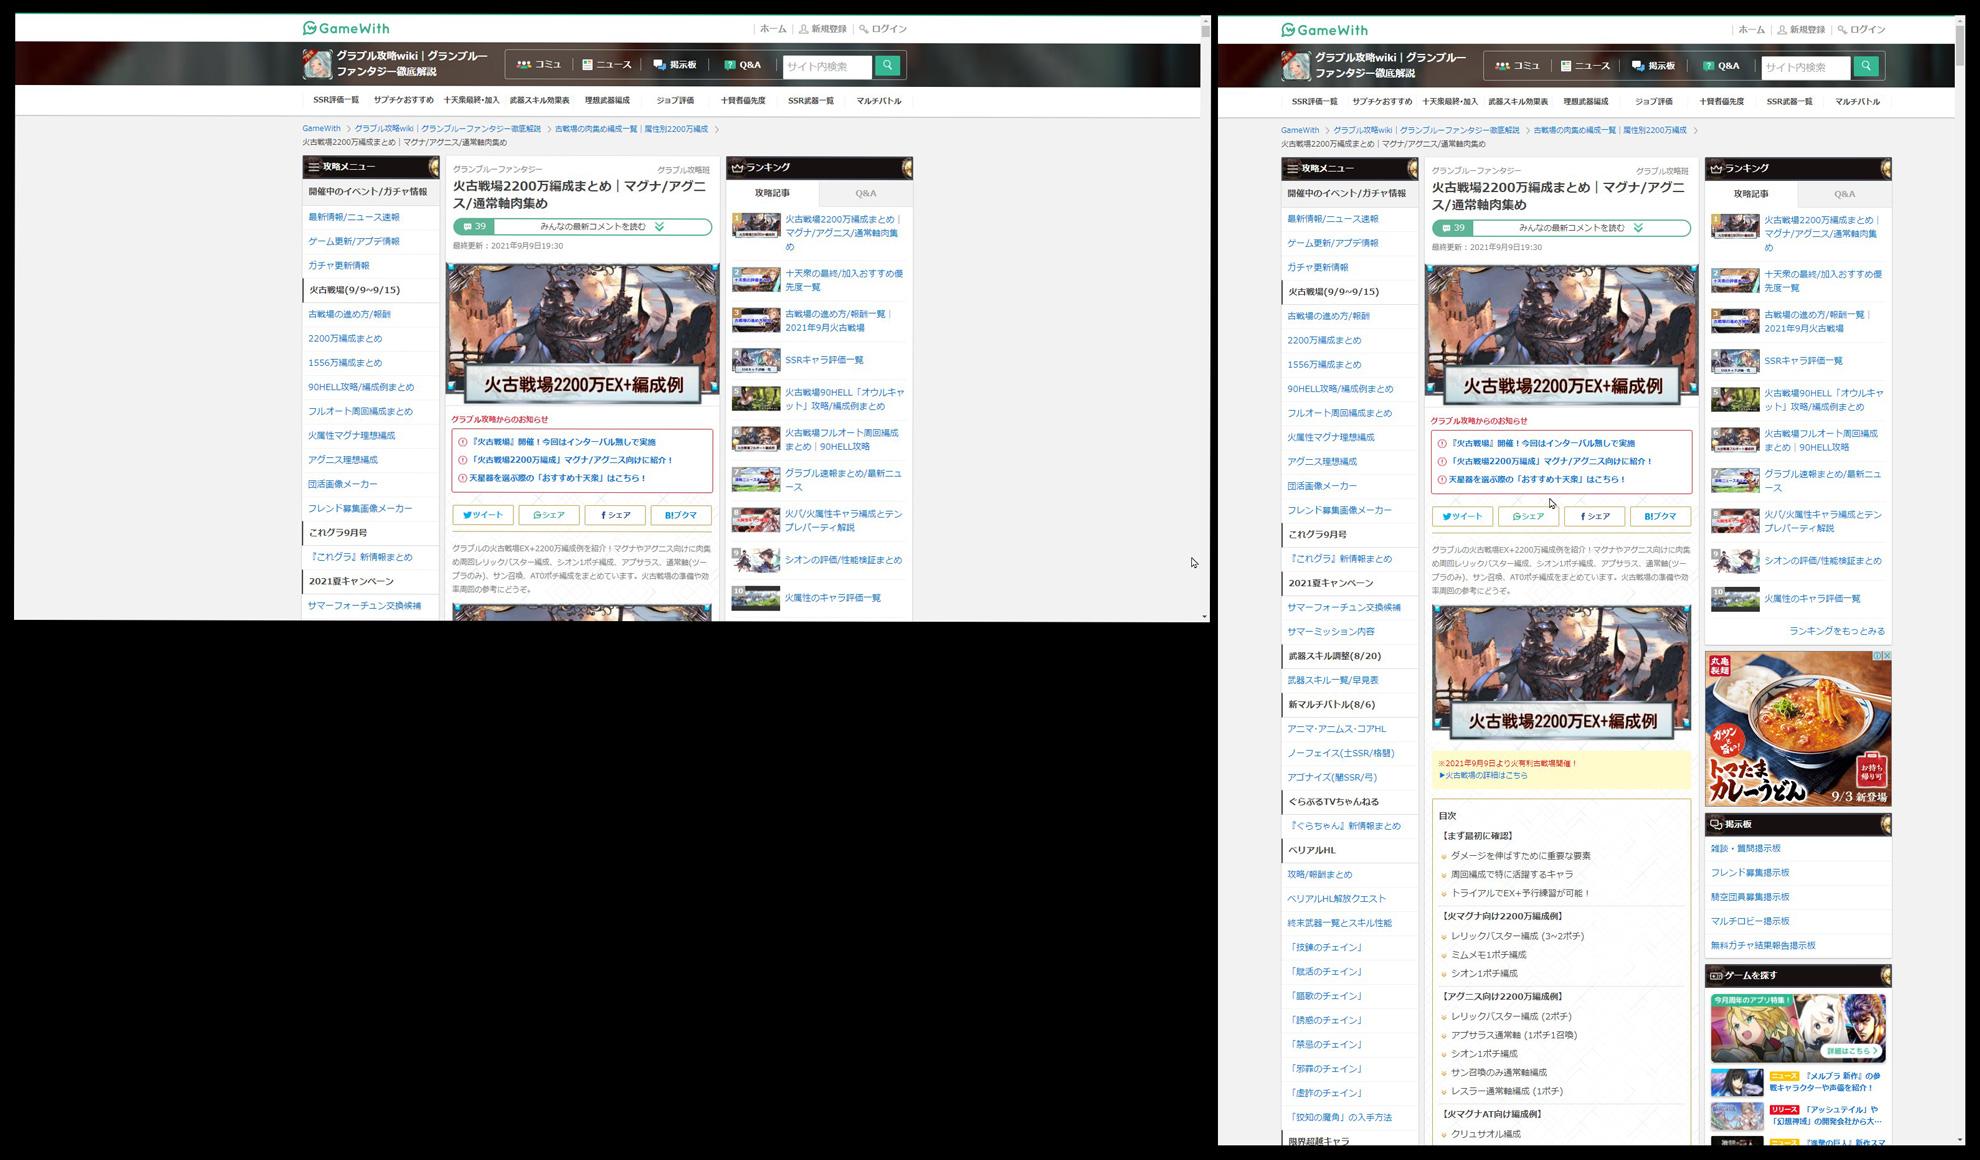 縦向きと横向き画面のゲーム攻略サイト(GameWith)見え方比較